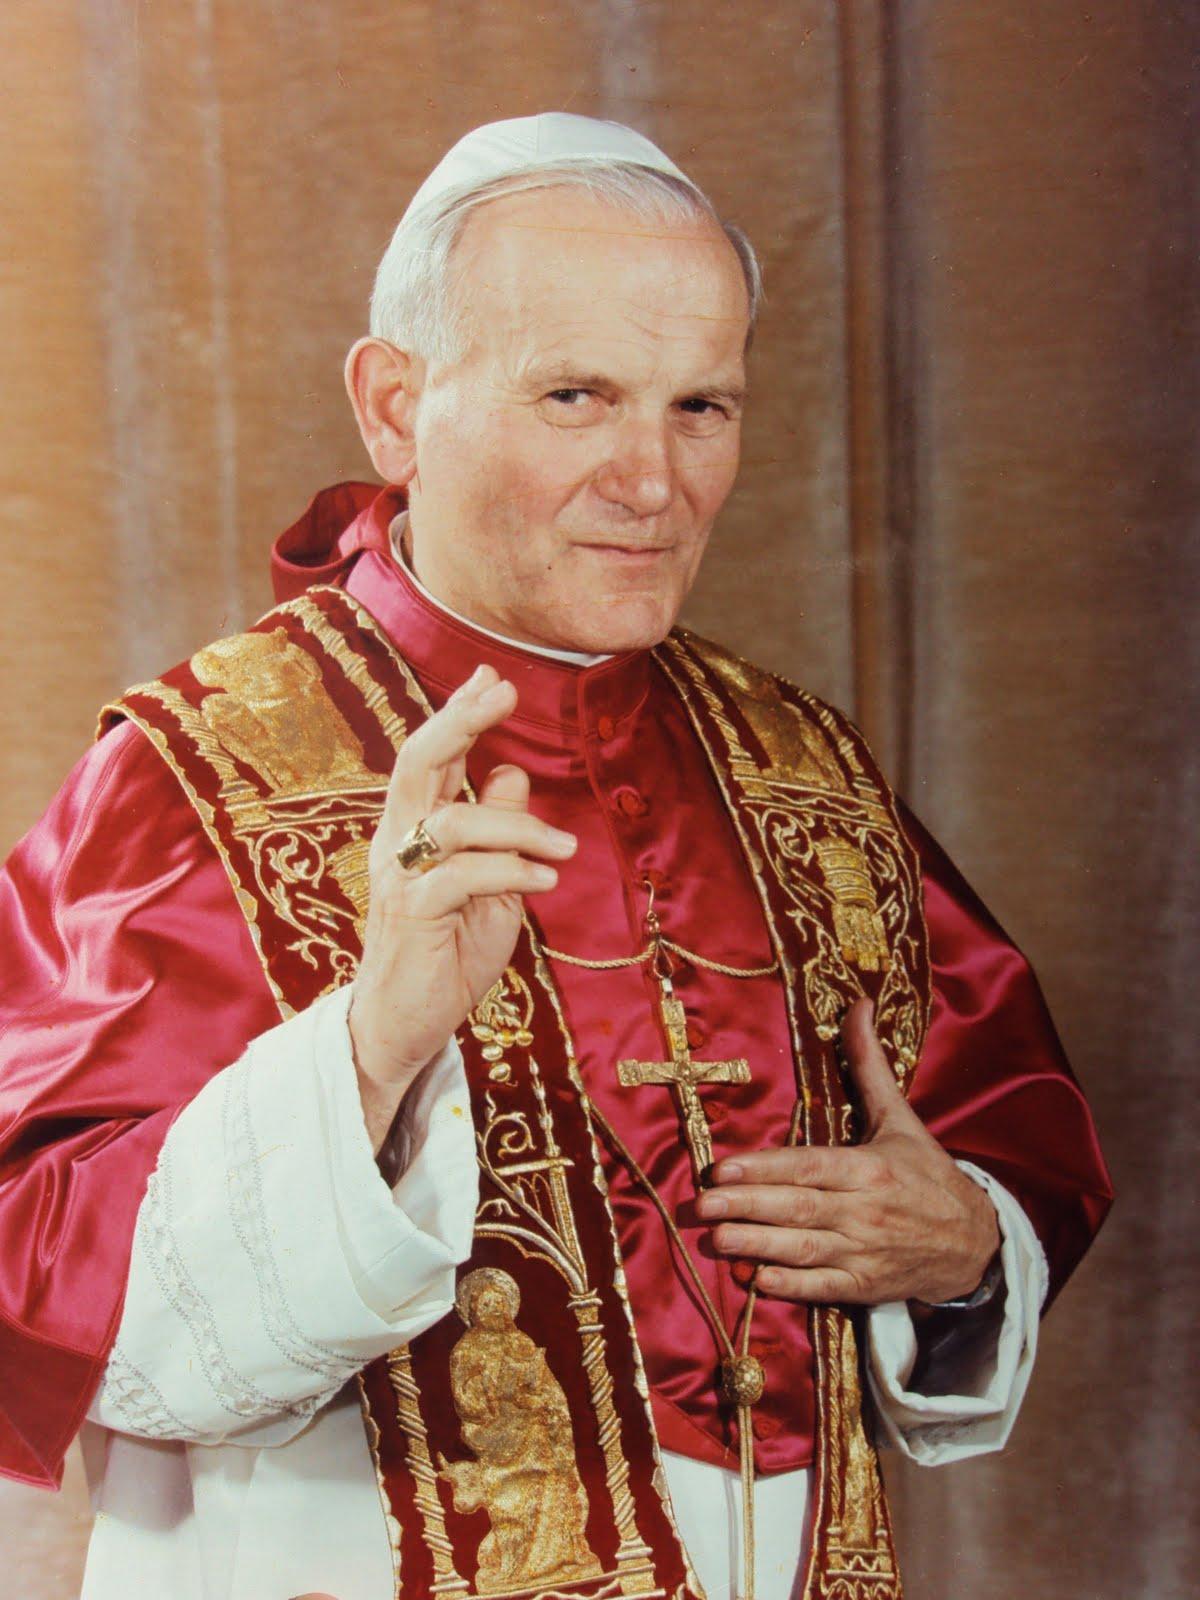 Znalezione obrazy dla zapytania św. Jan paweł II